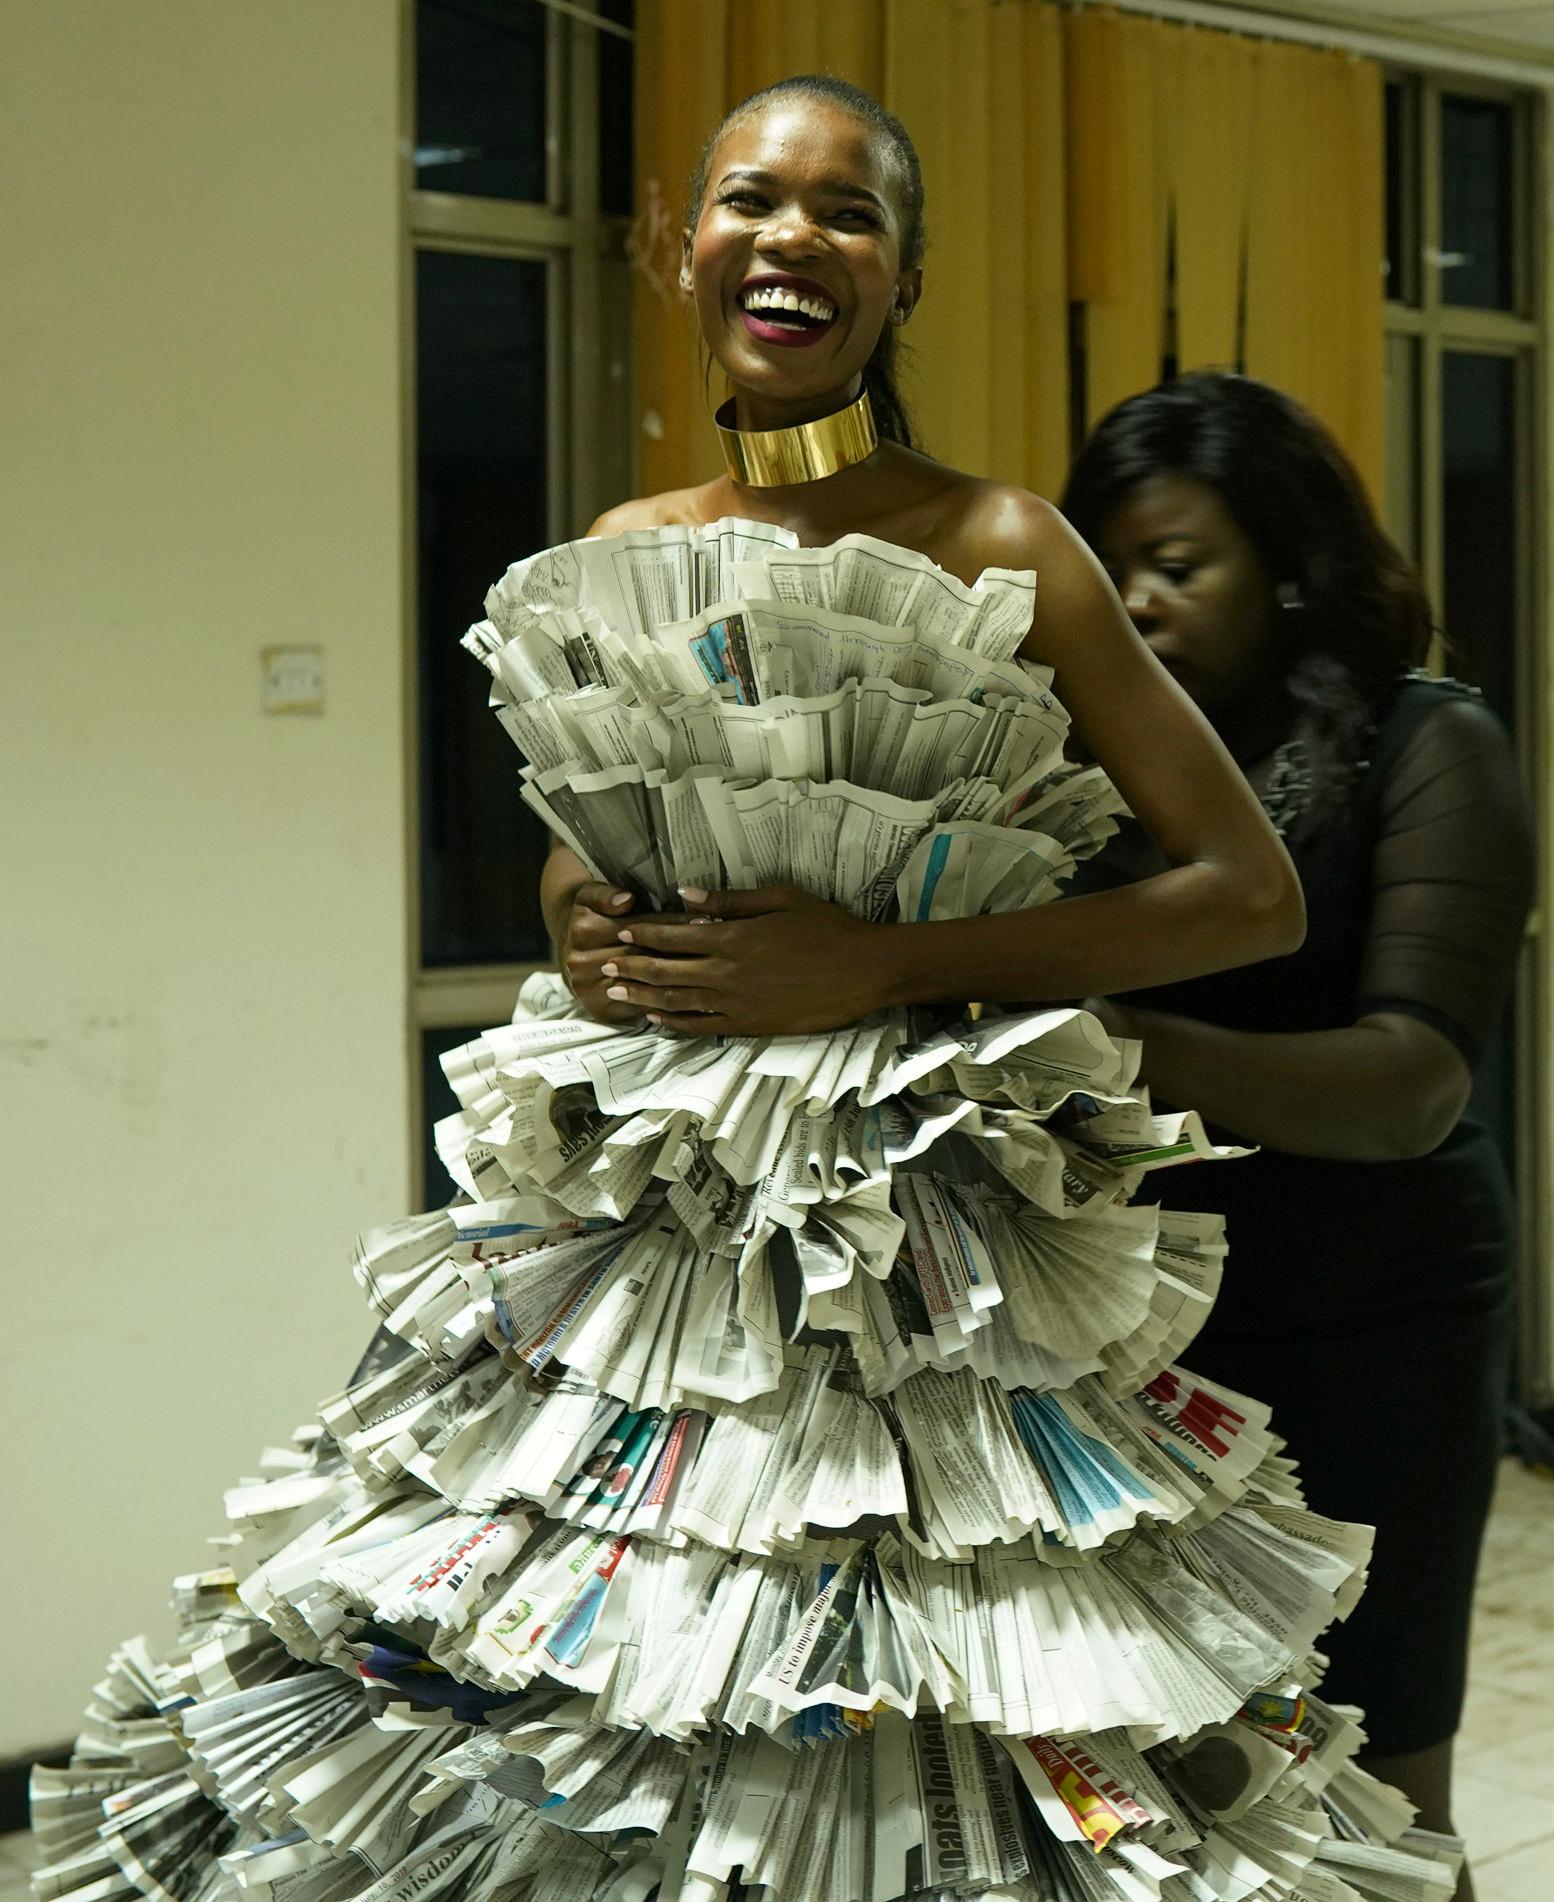 إحدى المشاركات في مسابقة ملكة جمال العالم لجنوب السودان